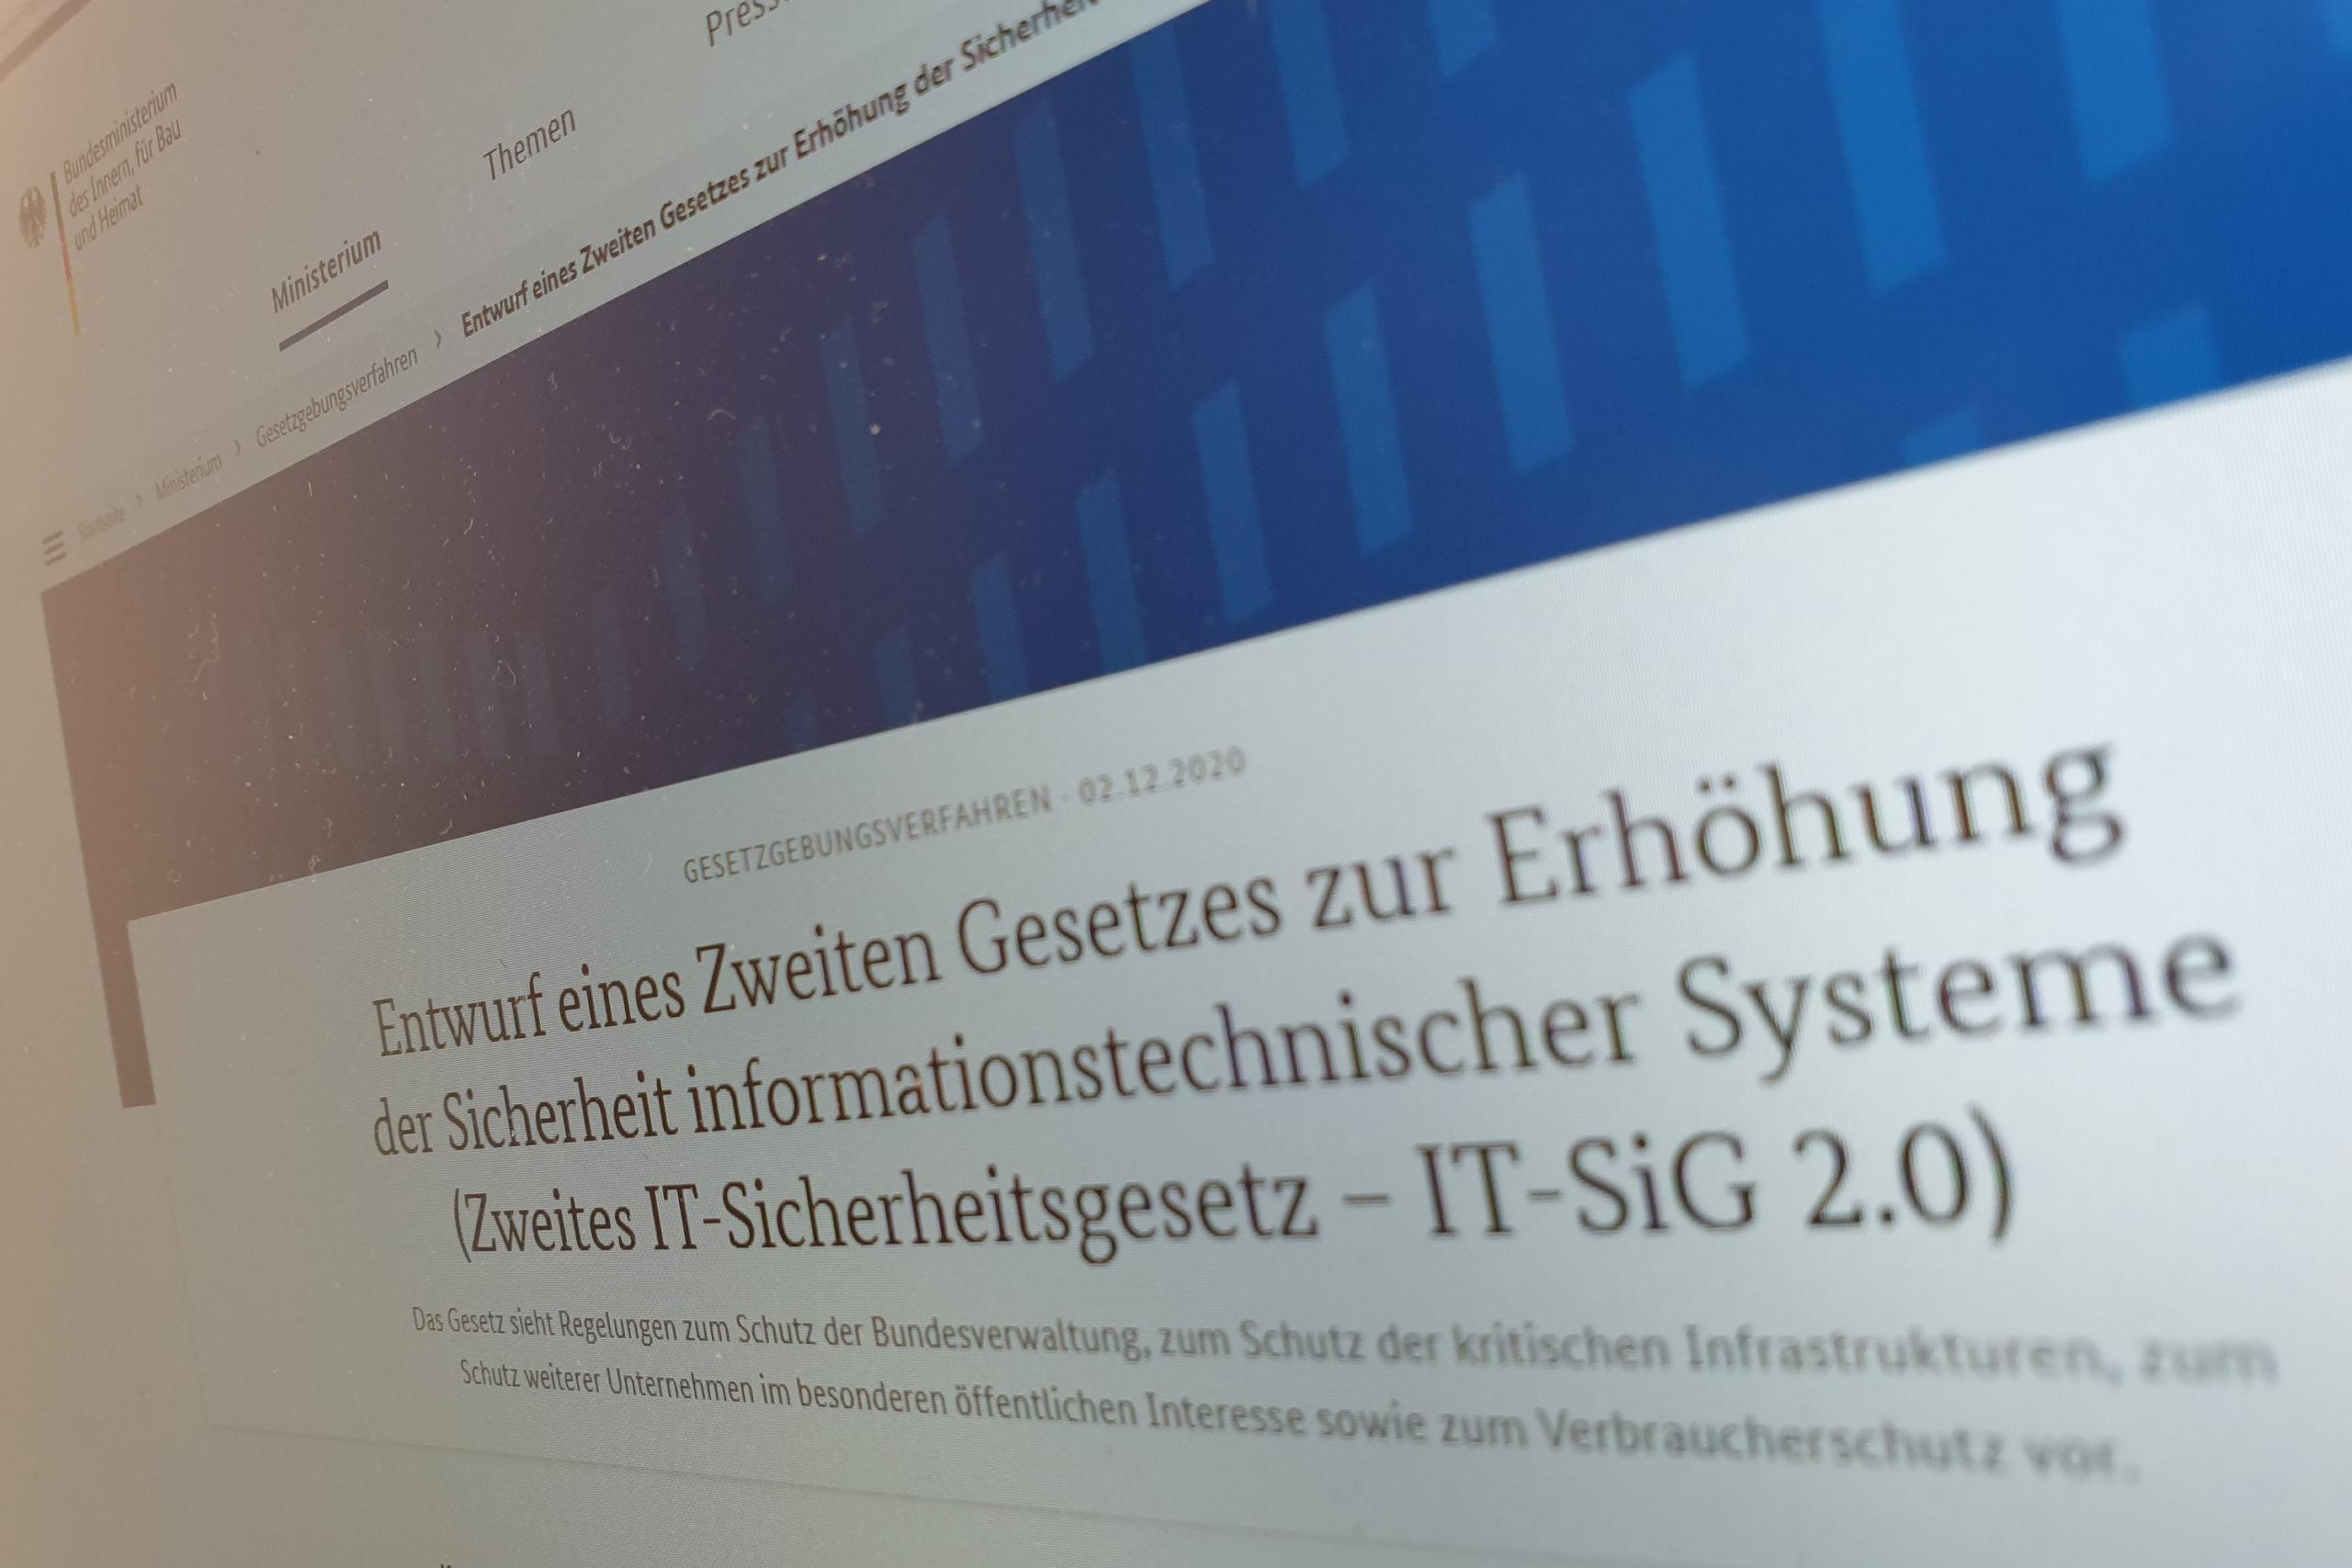 Stellungnahme IT SiG 2.0